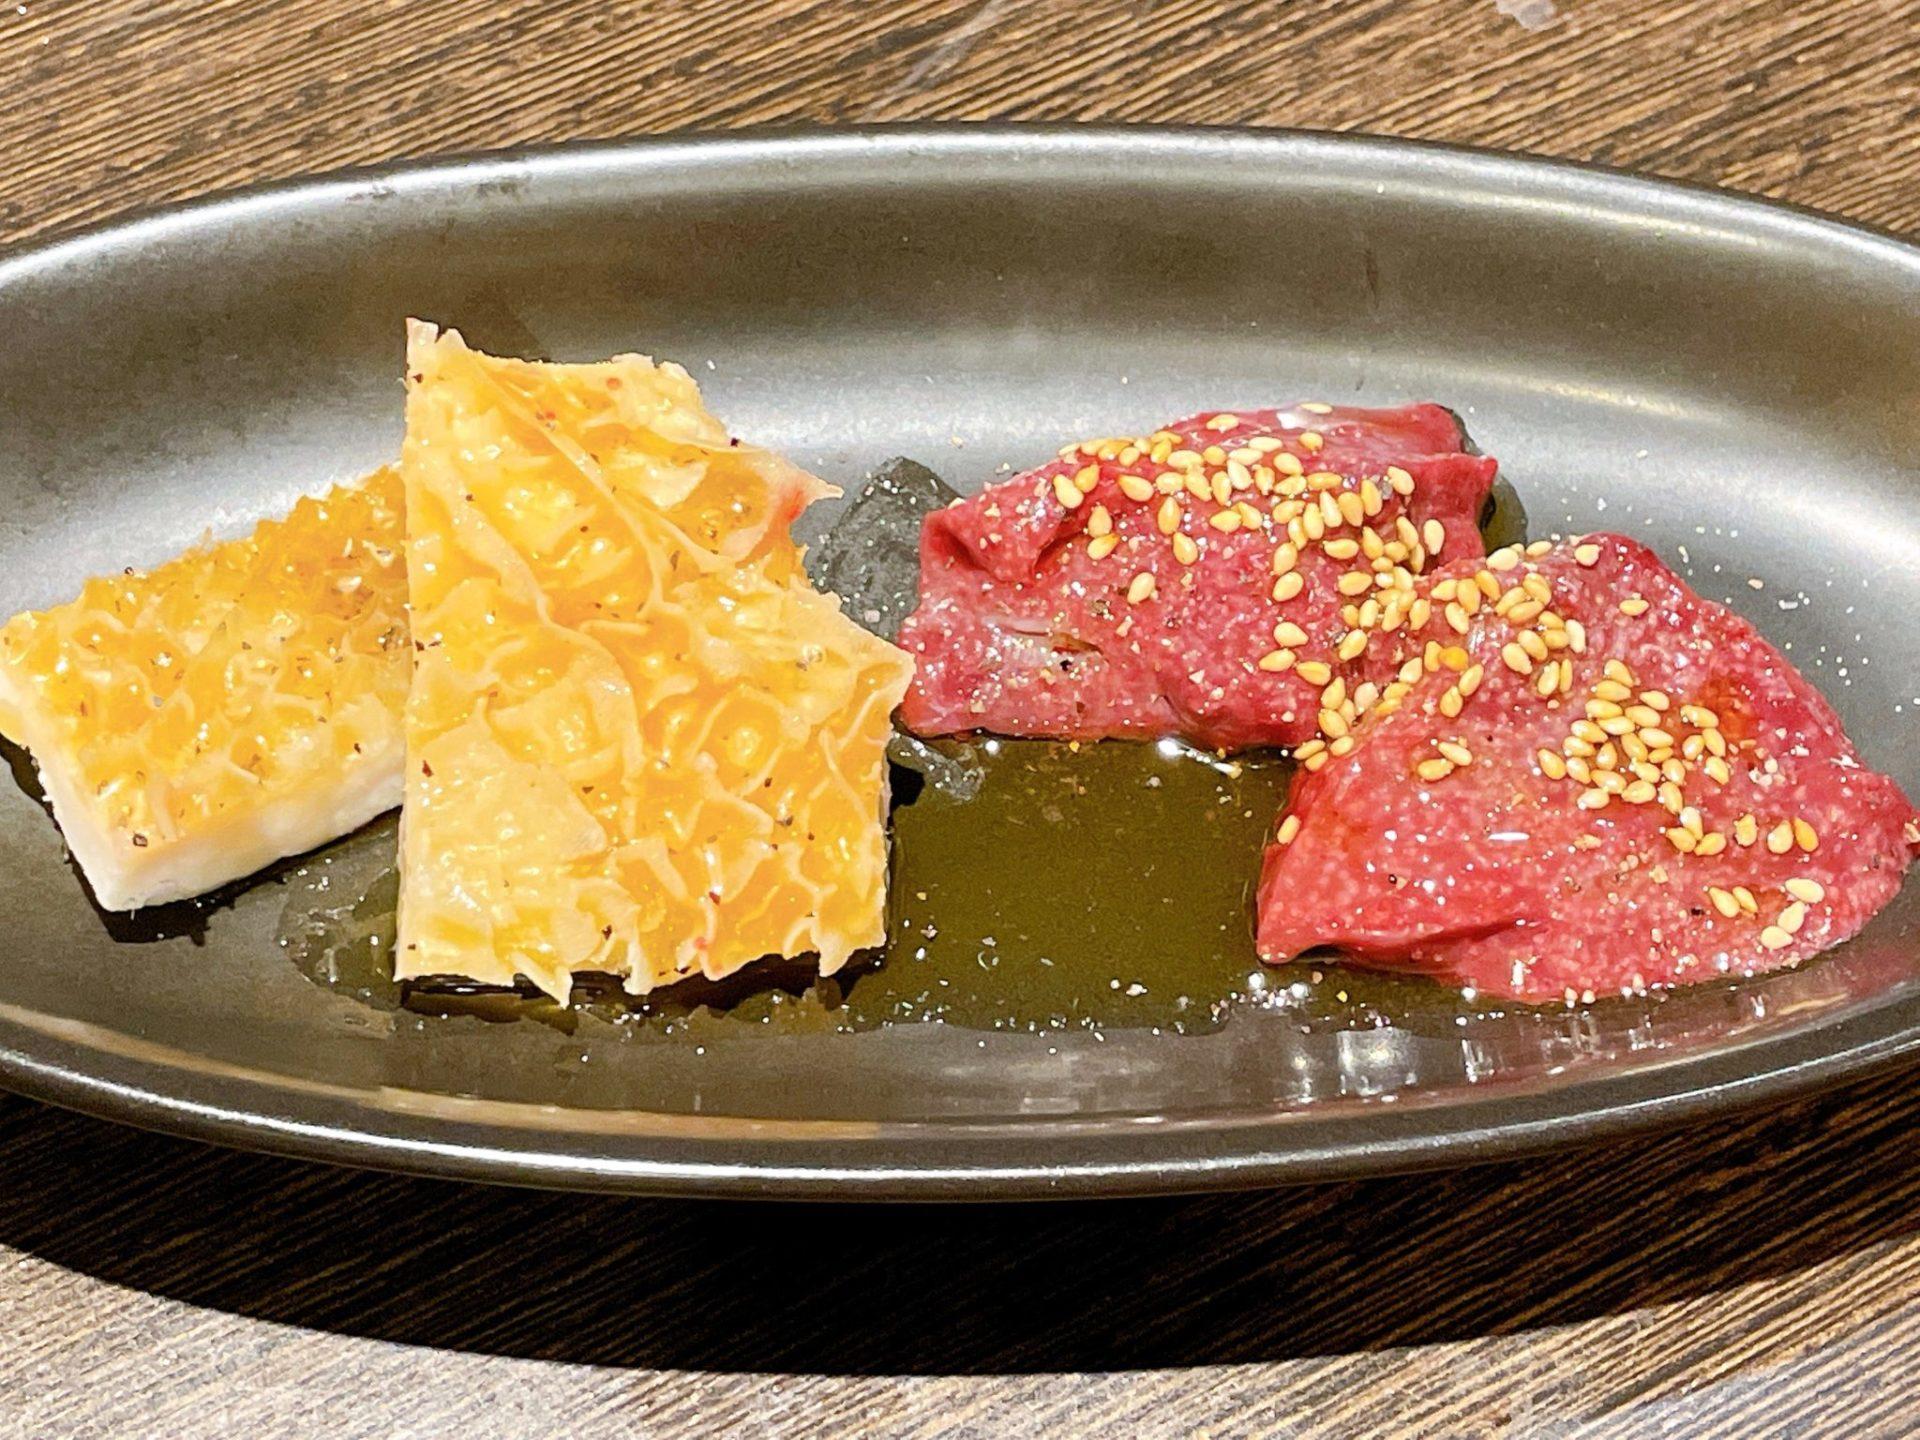 焼肉芝浦 駒沢本店のホルモン